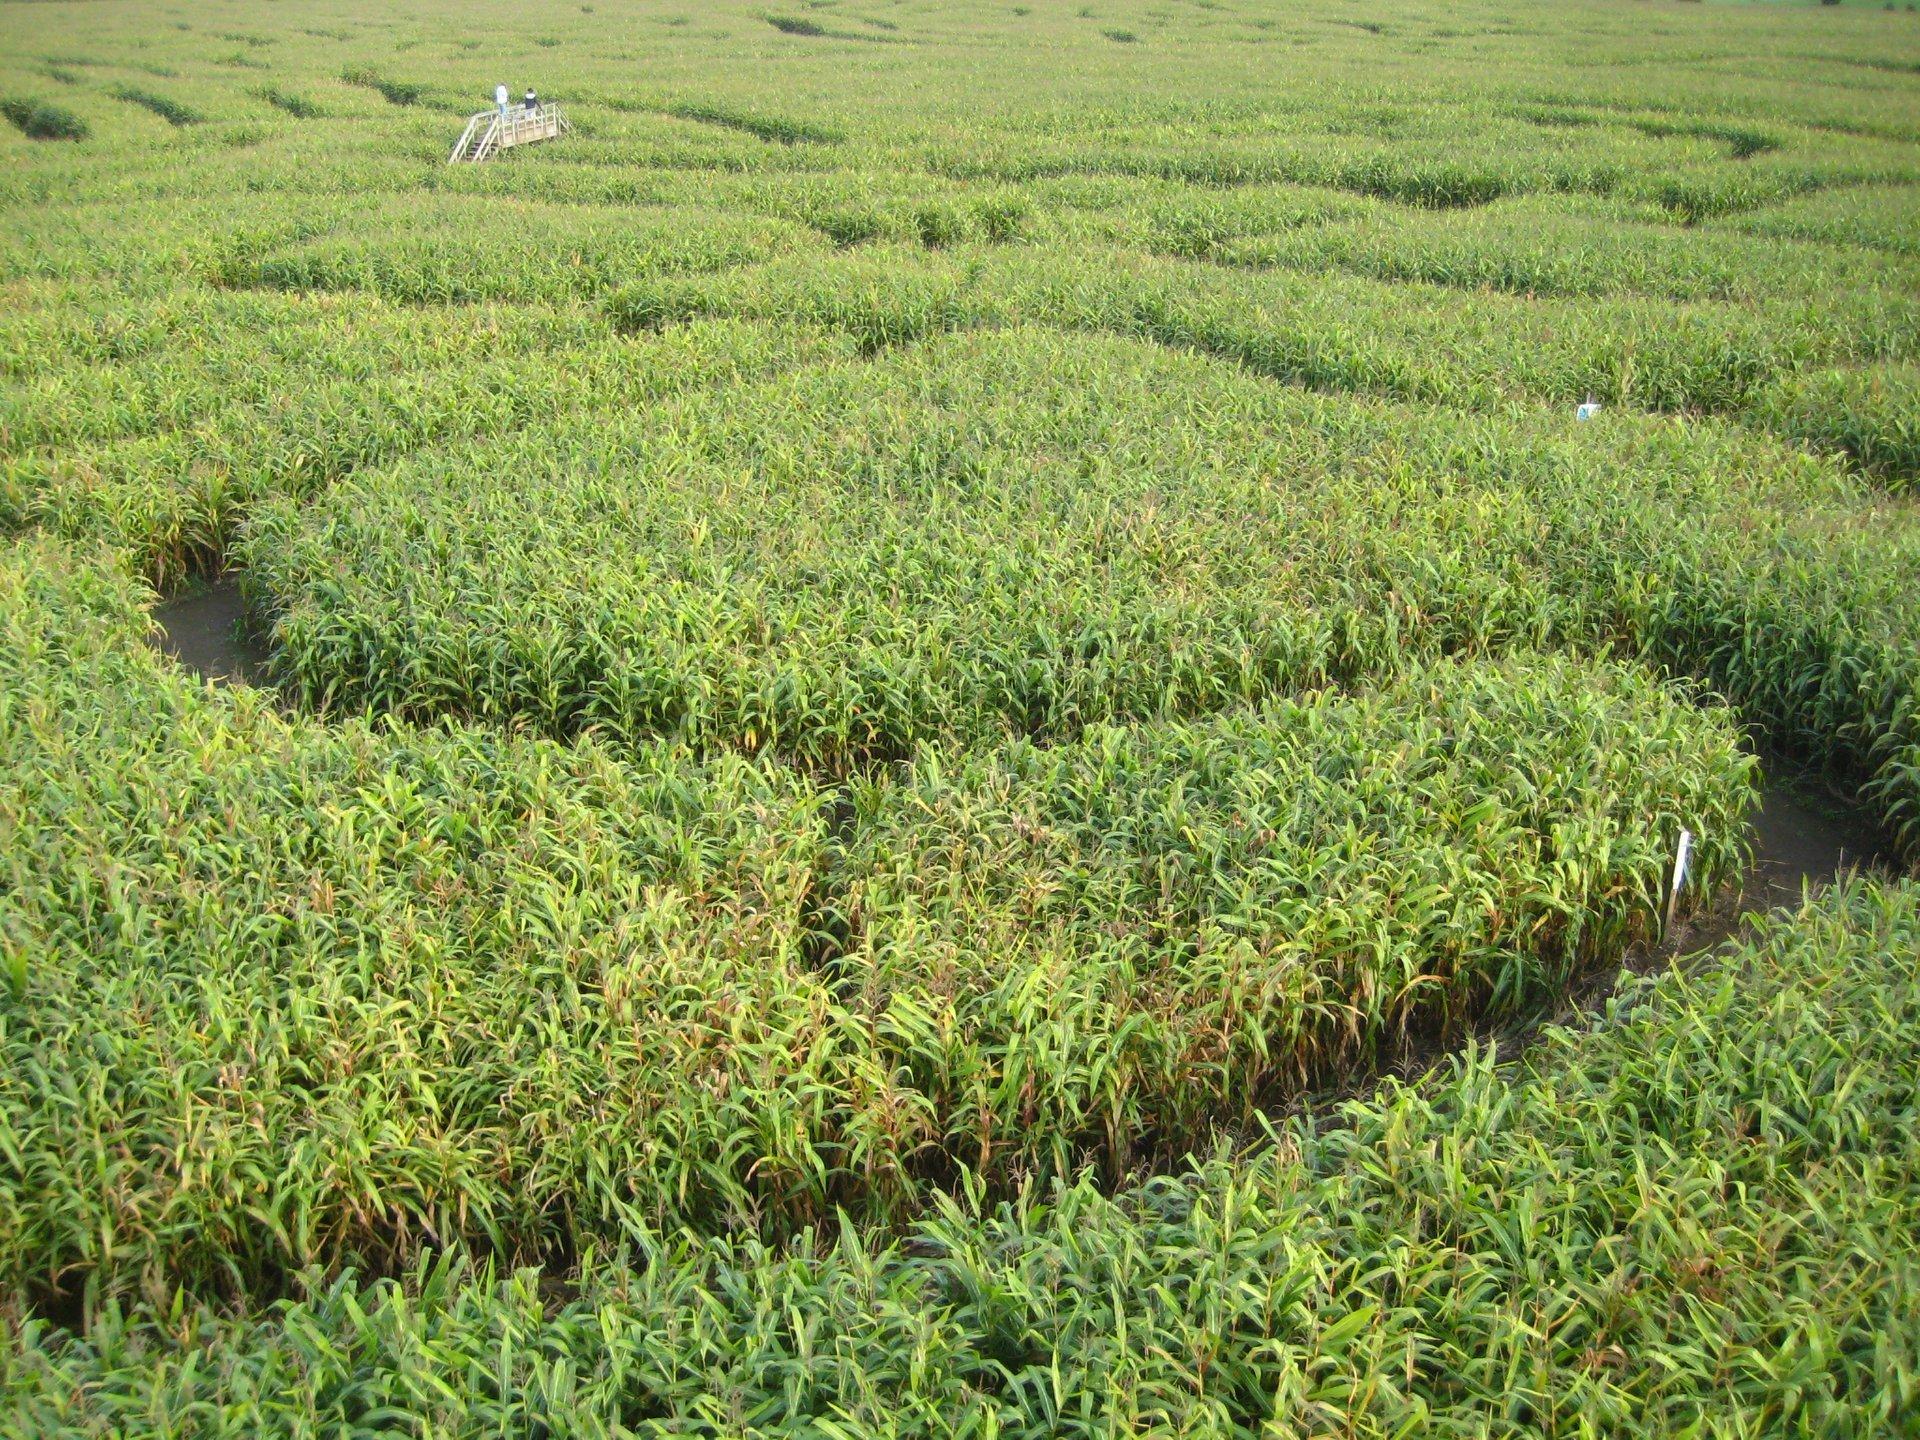 Richardson Adventure Farm Corn Maze in Illinois - Best Season 2020